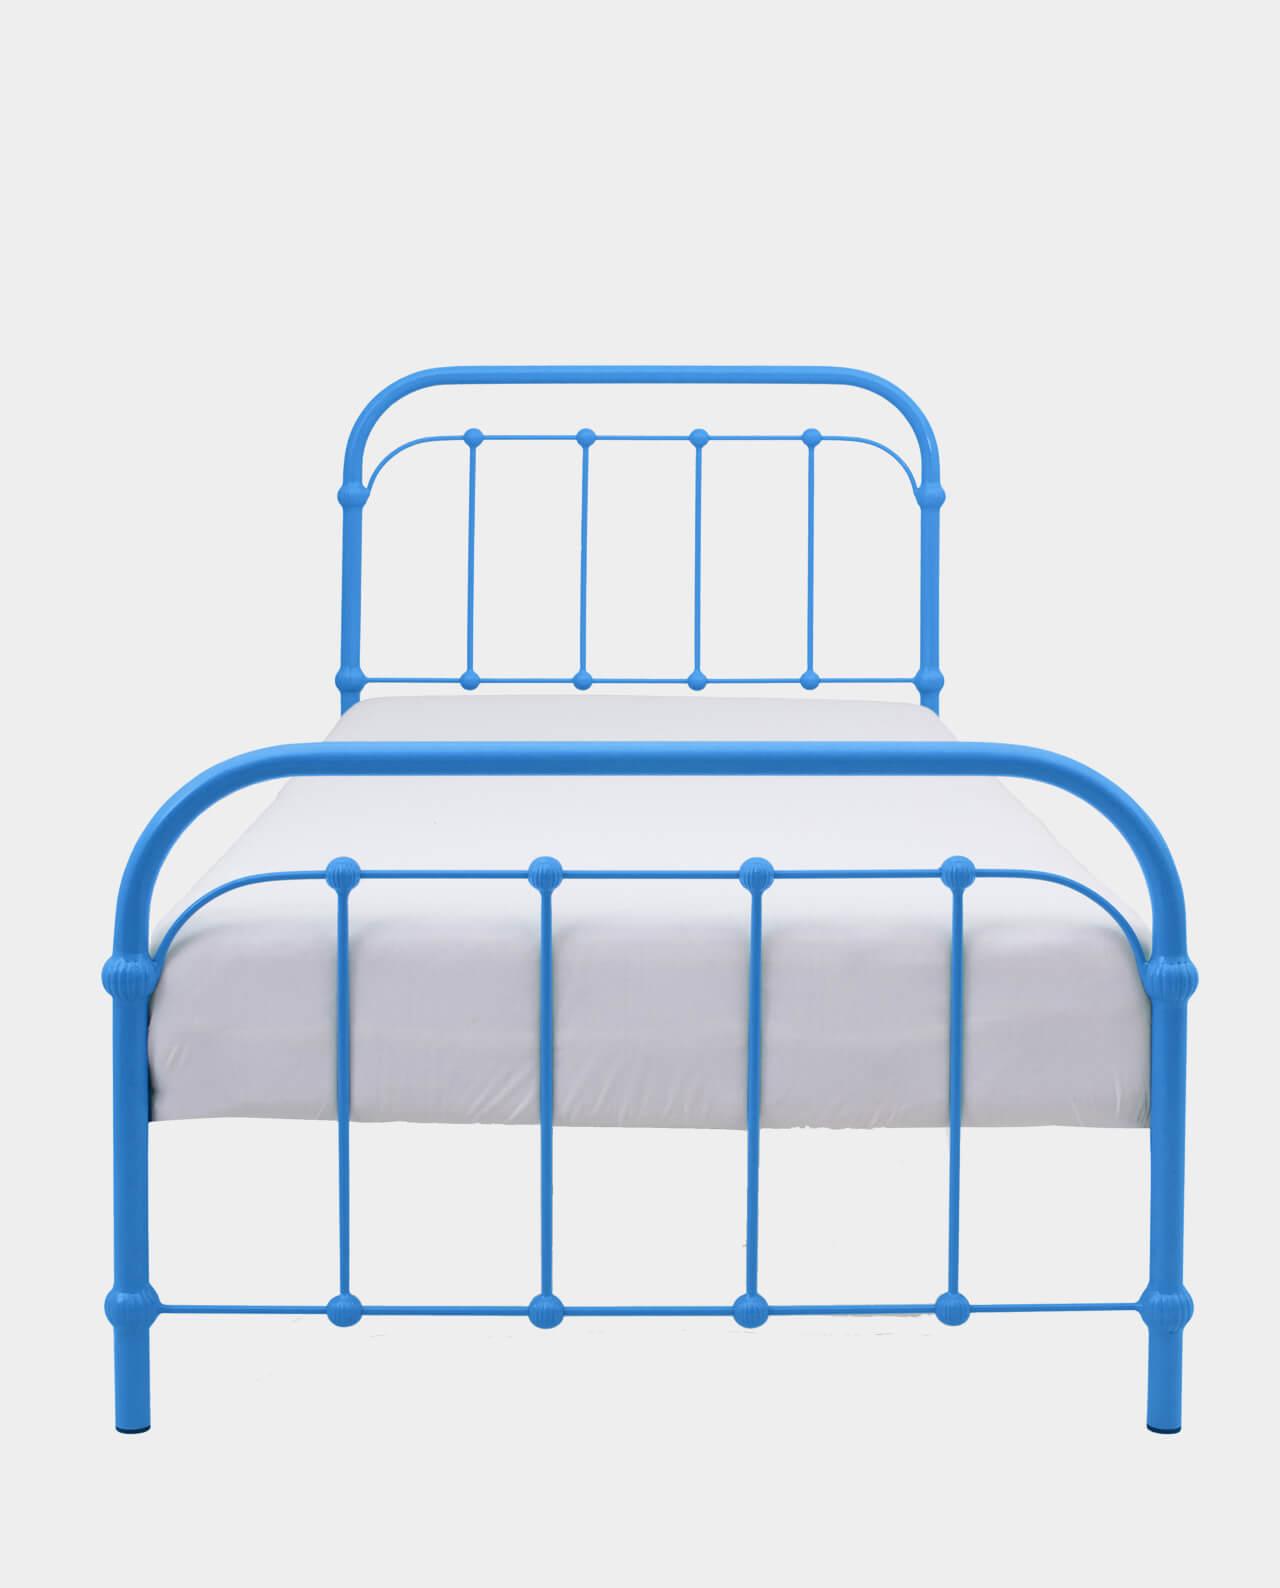 kinderbett amita jetzt online kaufen. Black Bedroom Furniture Sets. Home Design Ideas